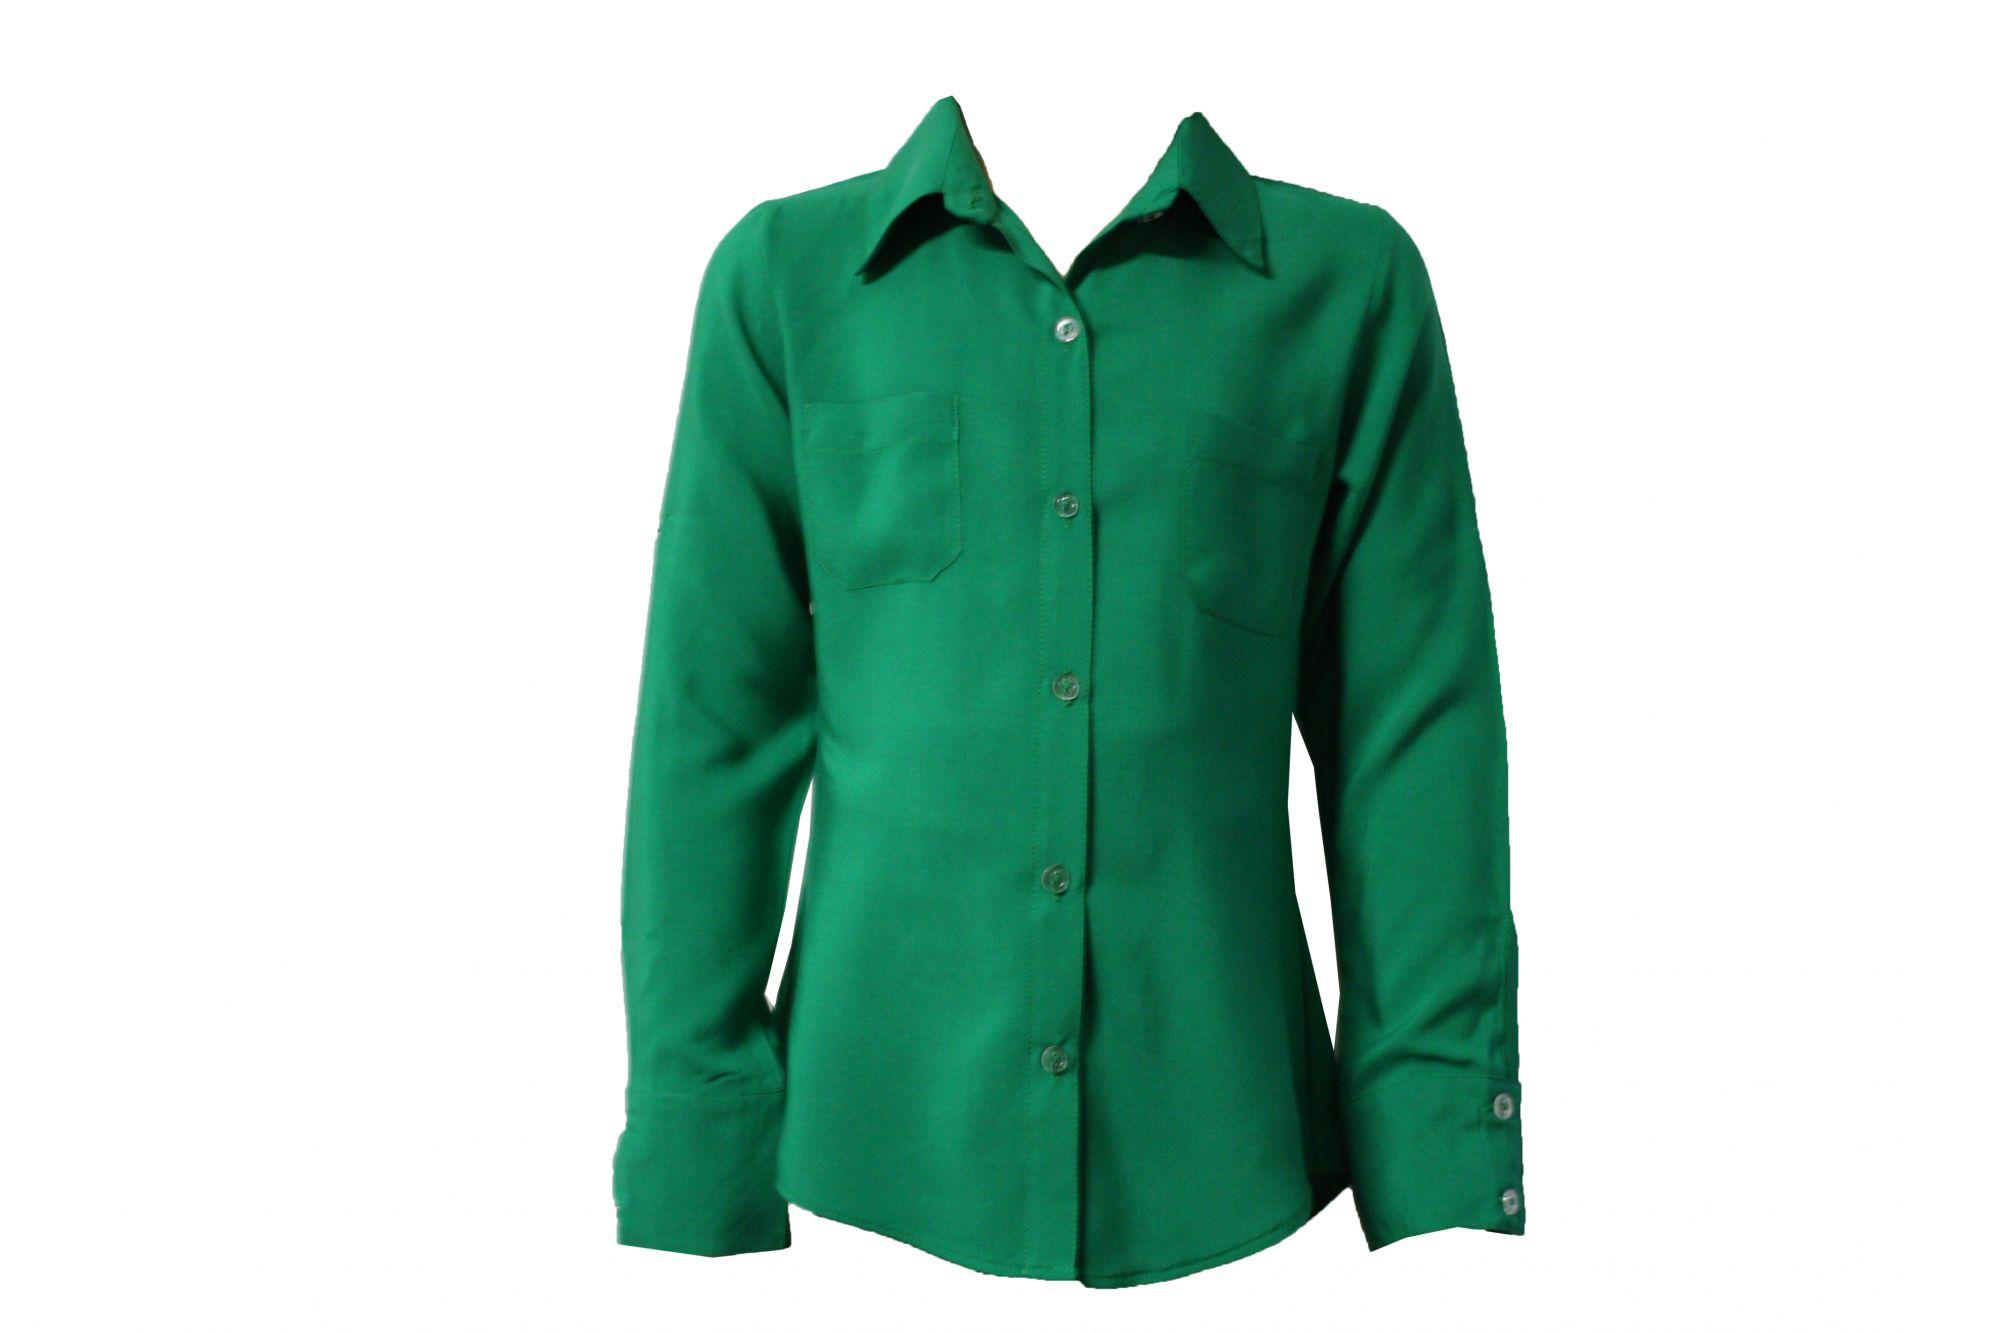 43150 Детская рубашка ЗЕЛЕНАЯ (штапель)